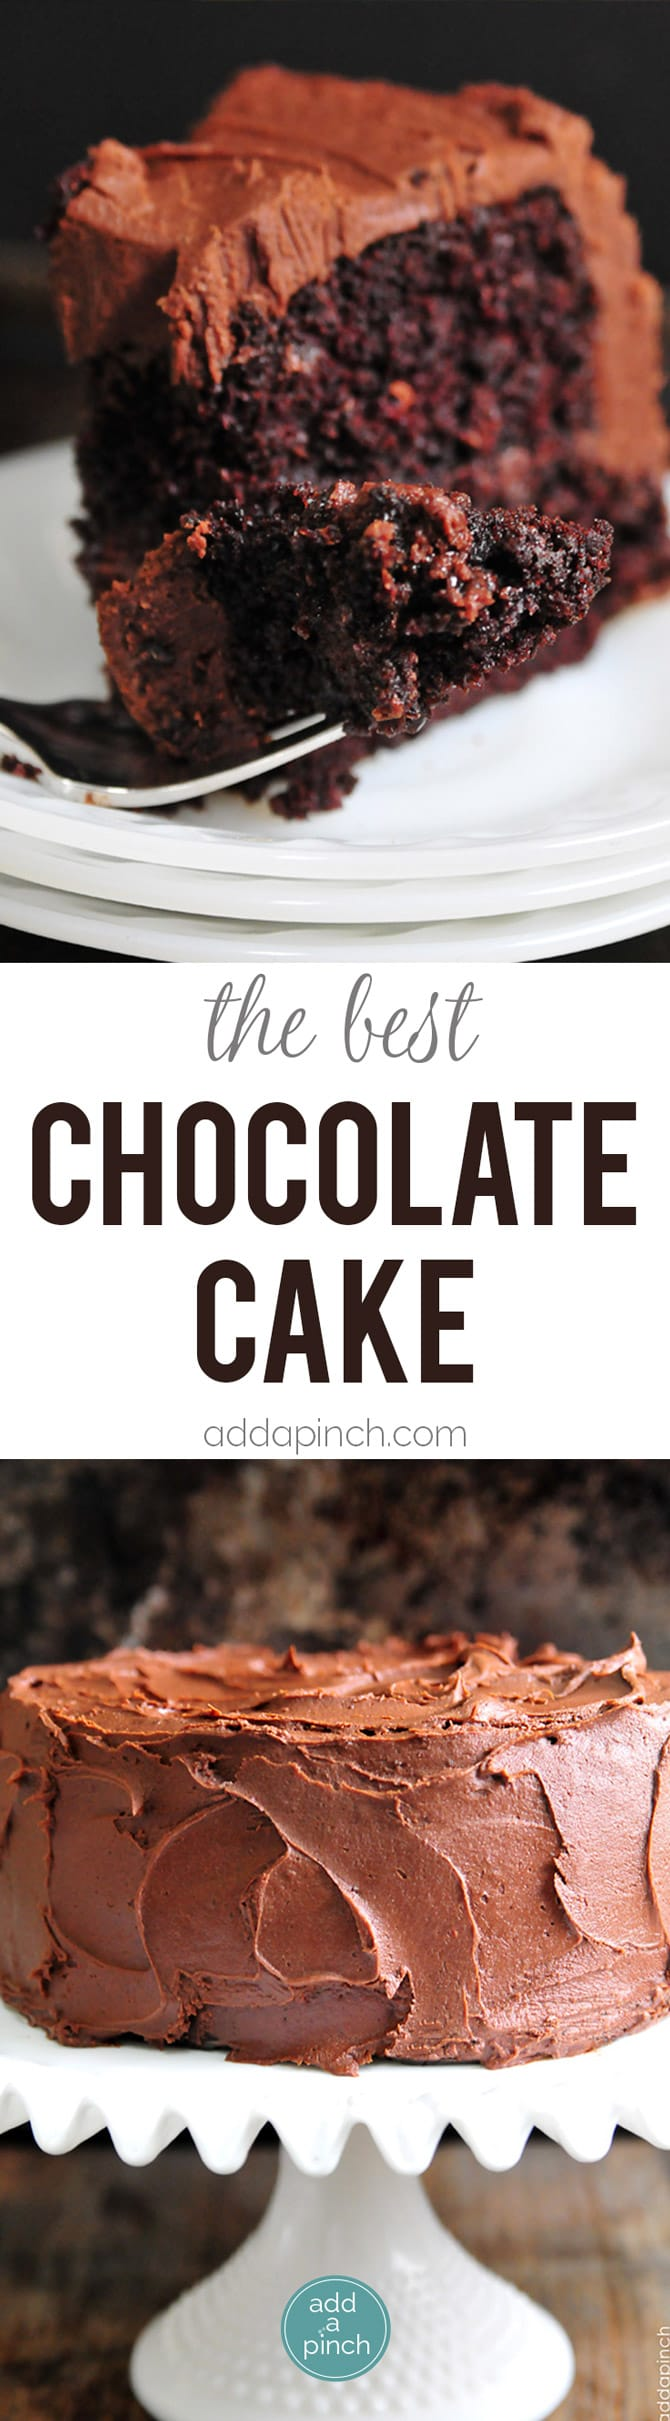 La meilleure recette de gâteau au chocolat avec un glaçage au chocolat décadent qui deviendra rapidement votre préféré! // addapinch.com